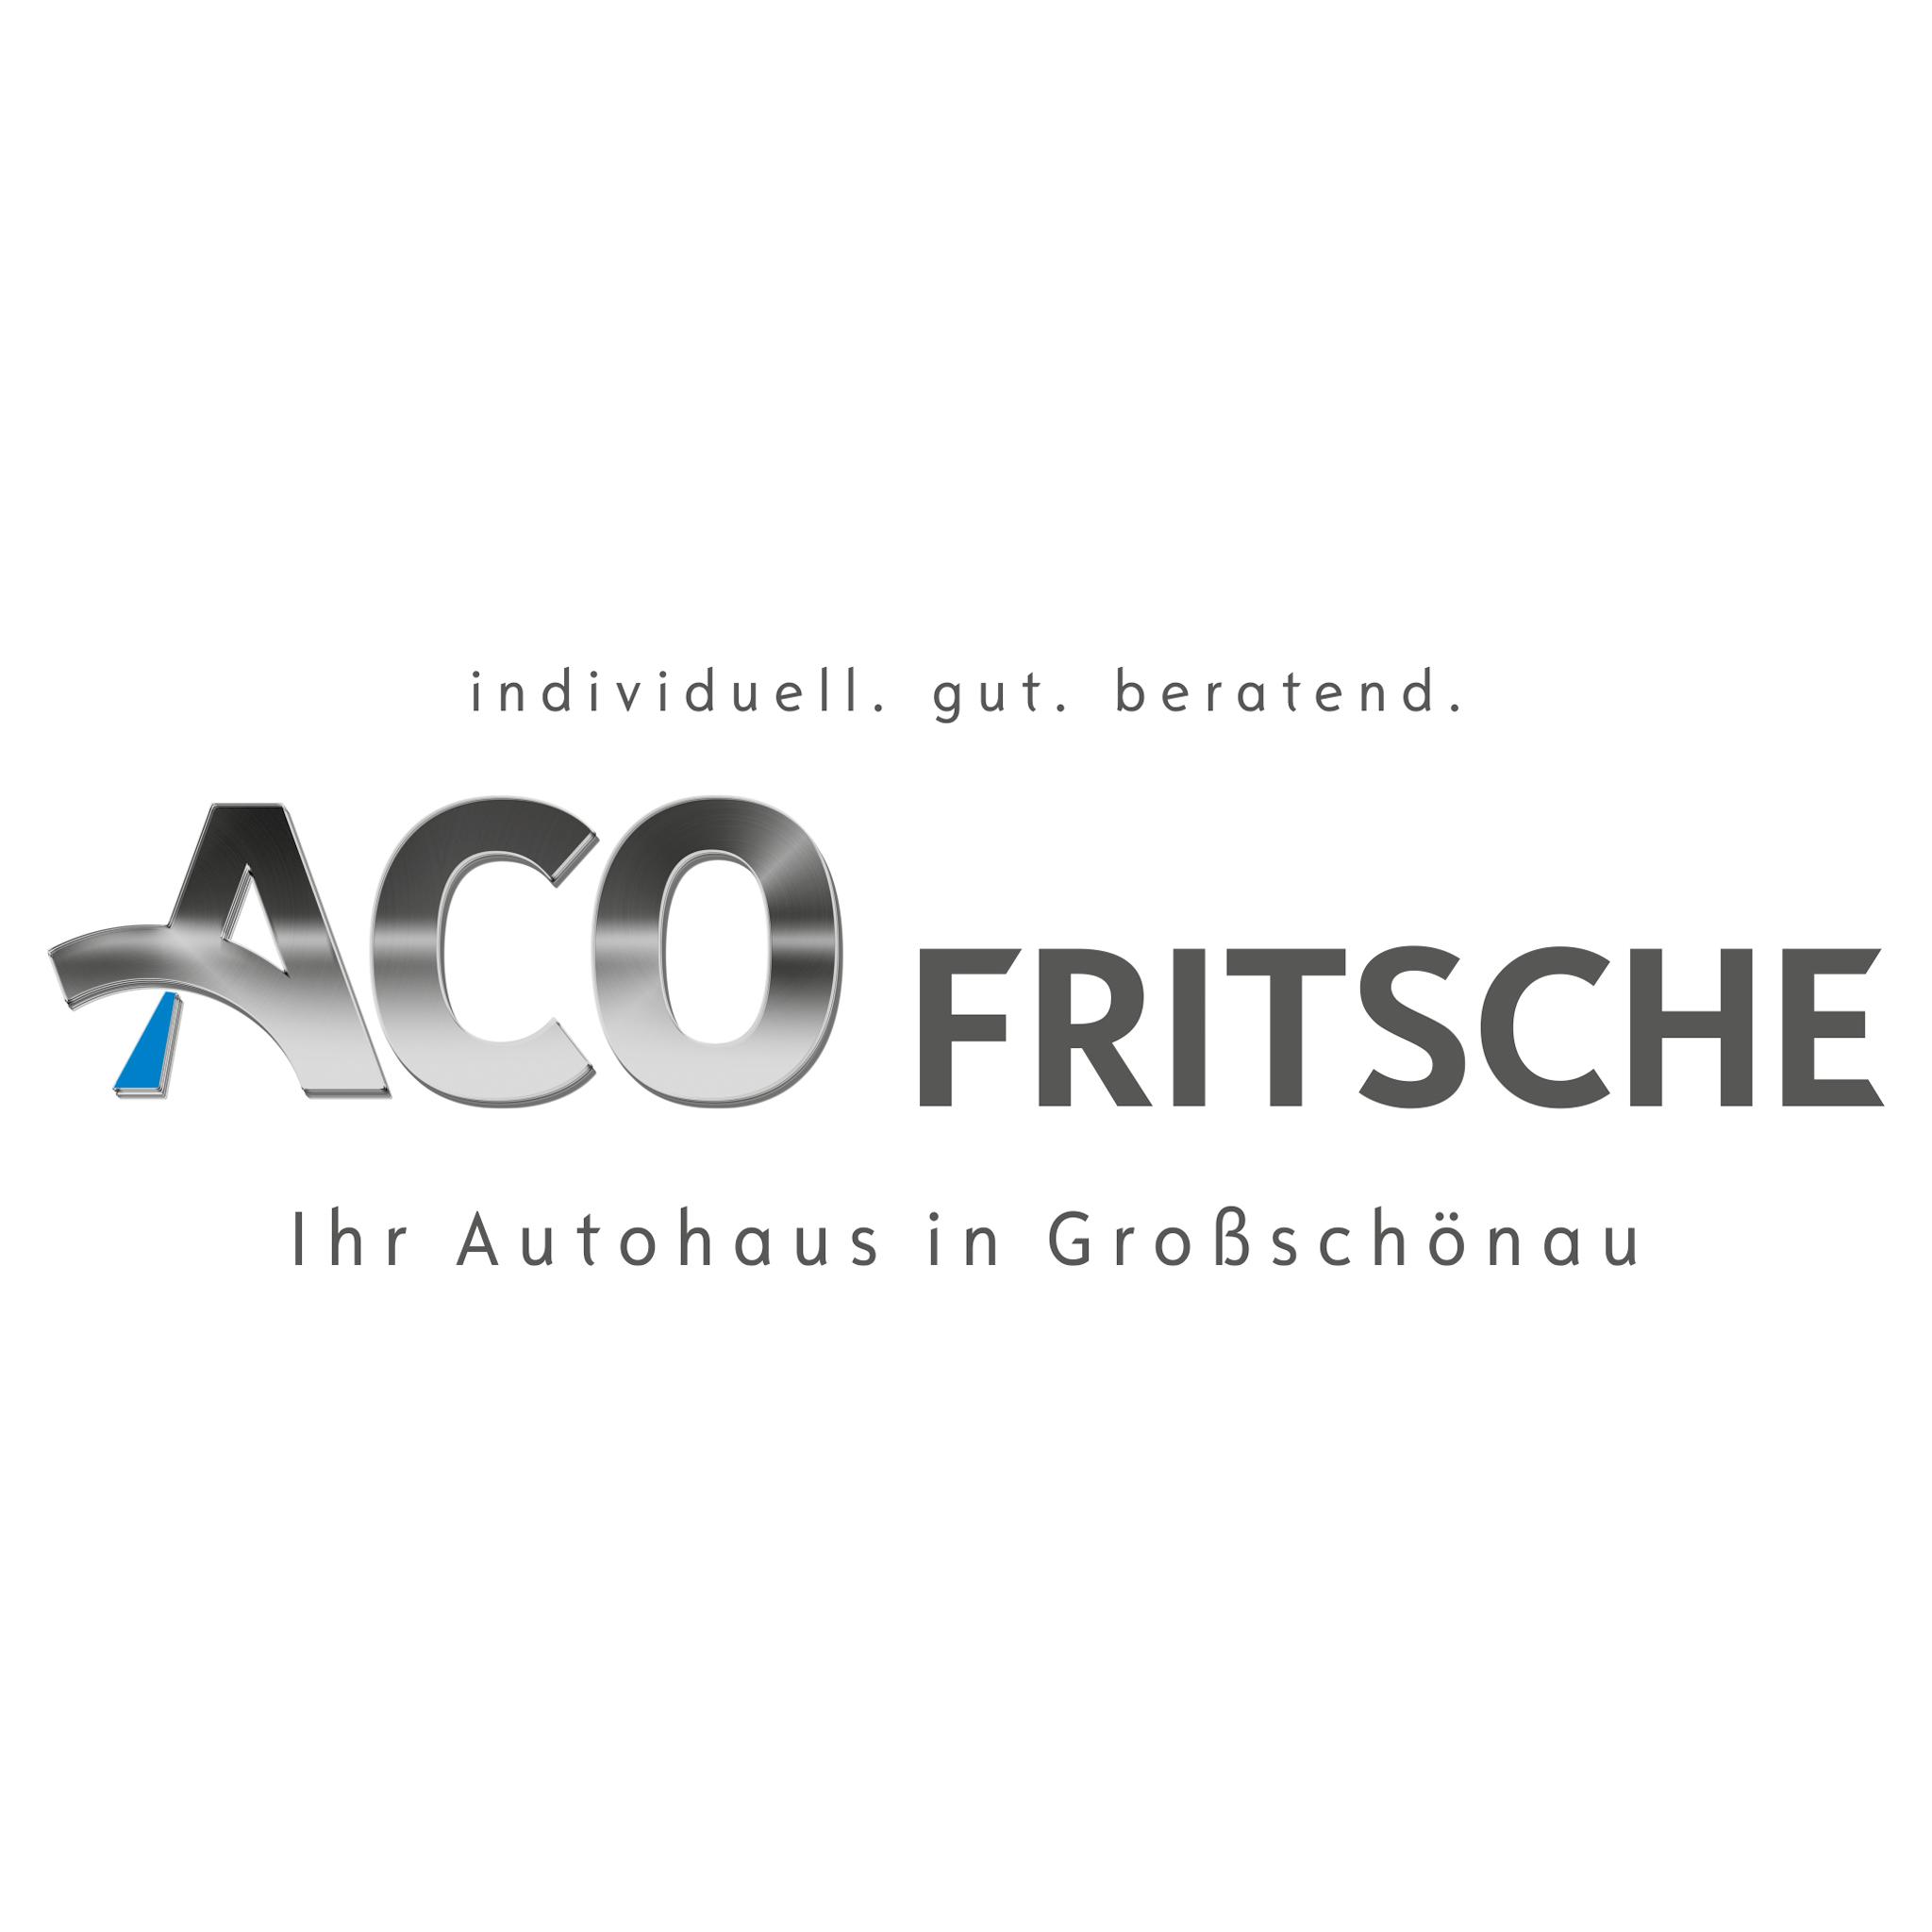 Autohaus Fritsche